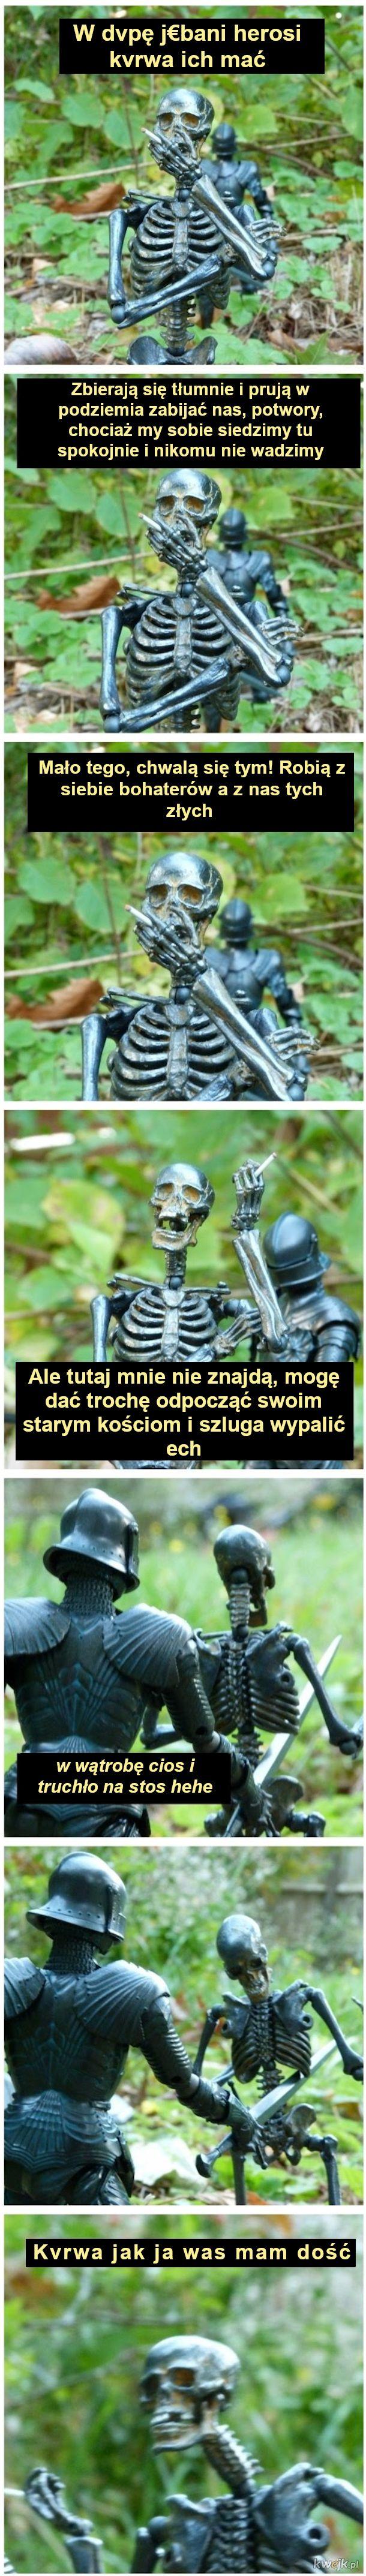 Szkieletem być